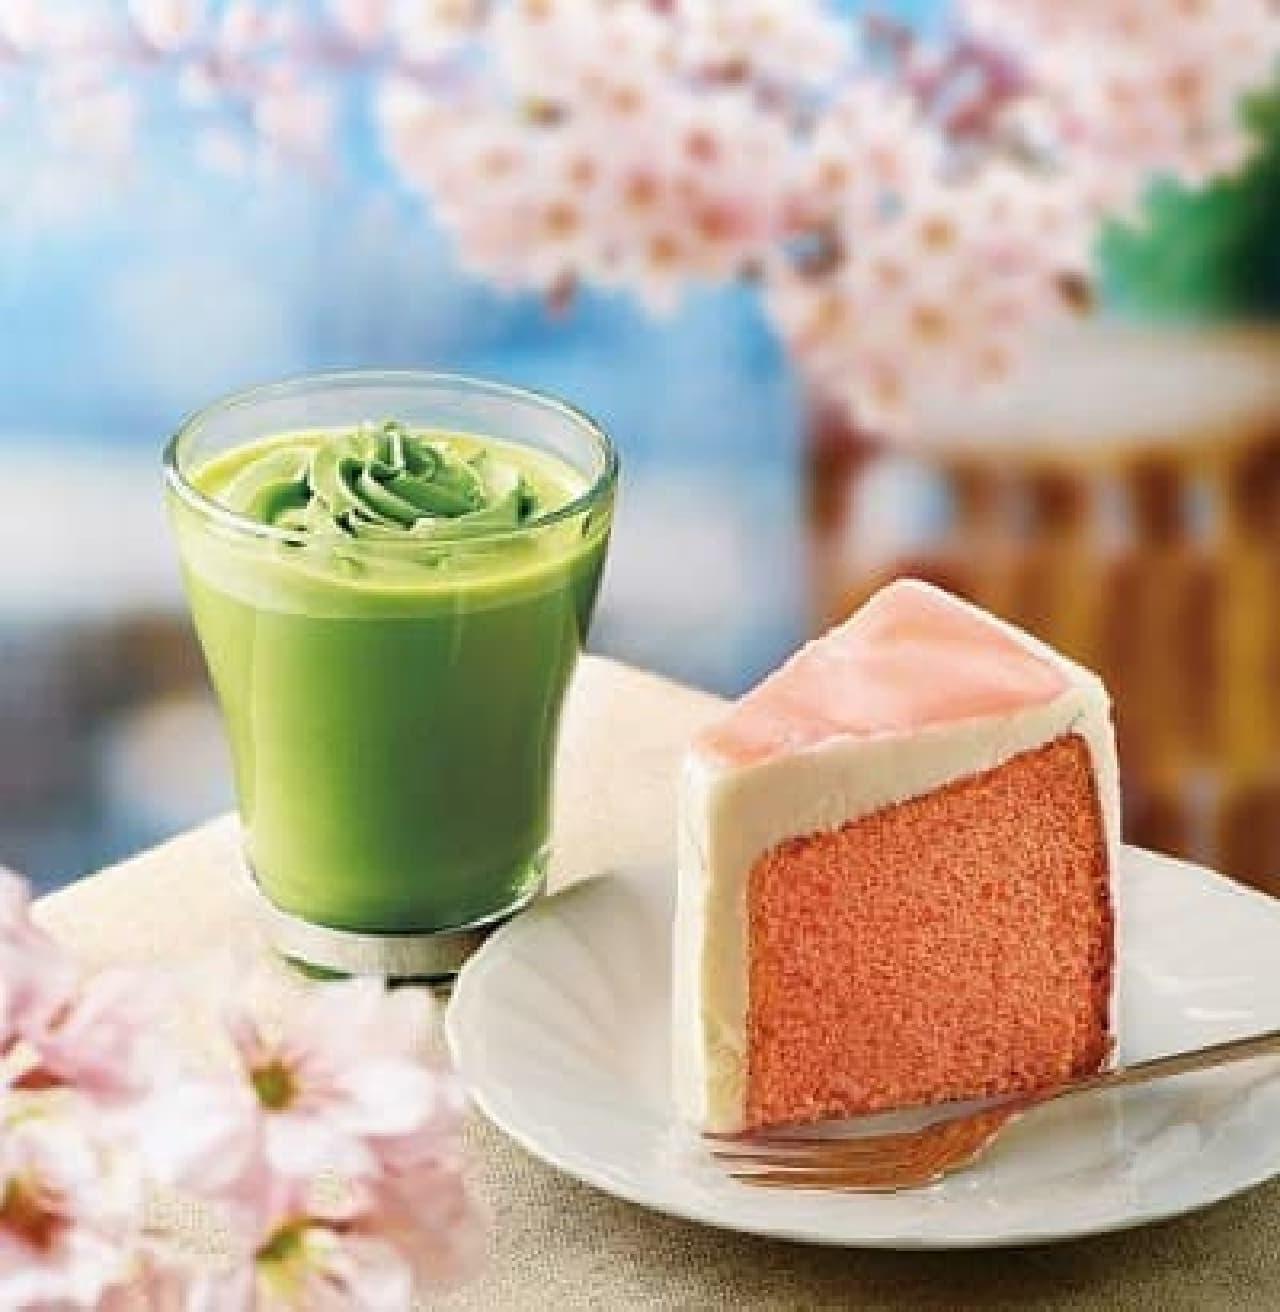 カフェ・ド・クリエ「桜のシフォンケーキ」